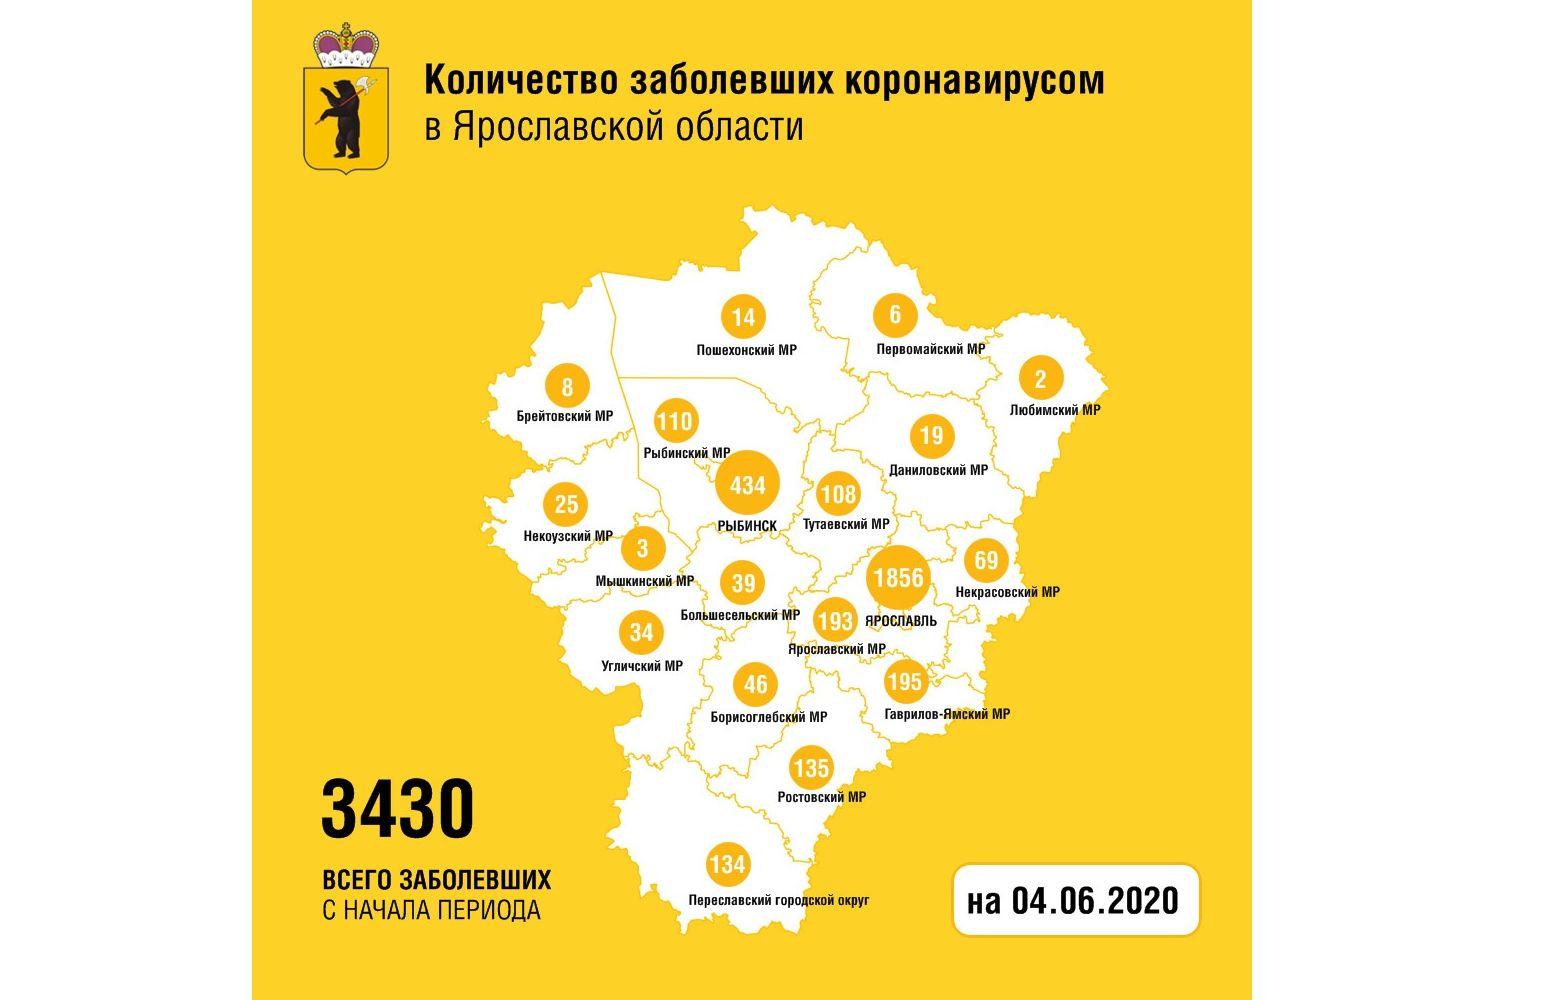 В Ярославской области вылечили от коронавируса еще 55 человек